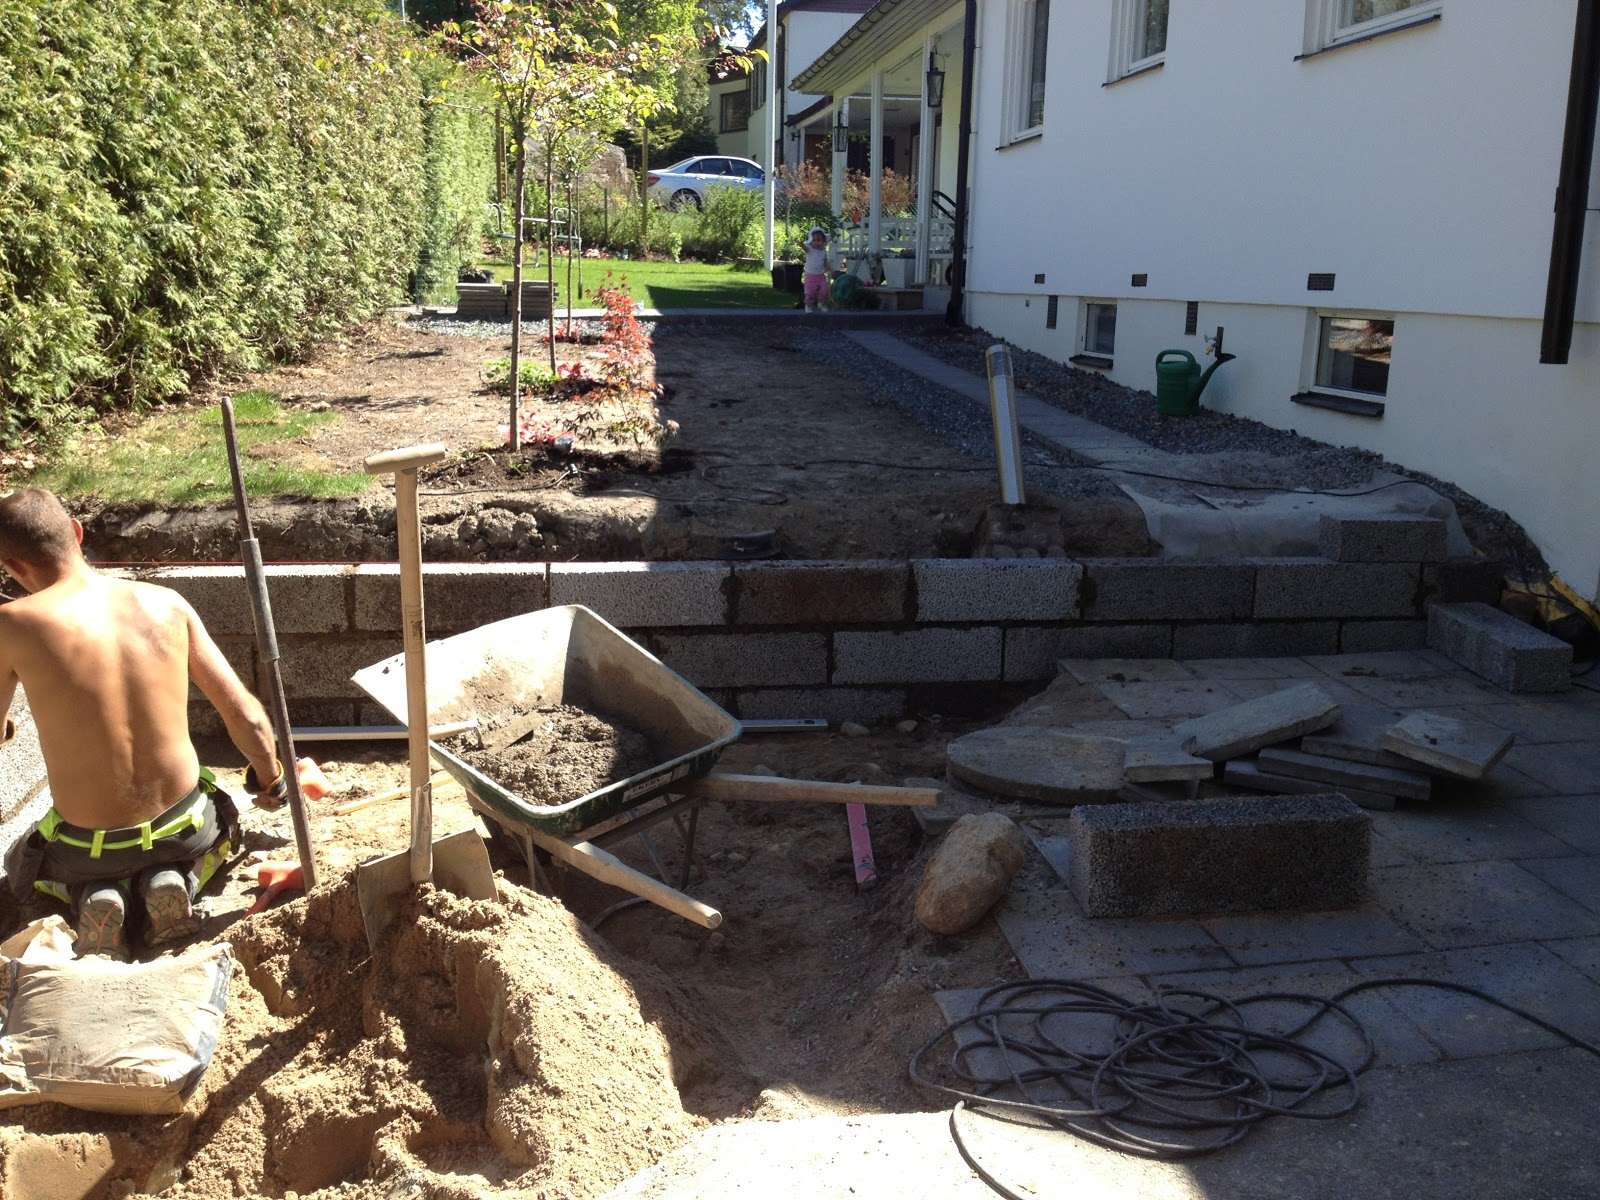 Njut i din trädgård: arbete pågår!